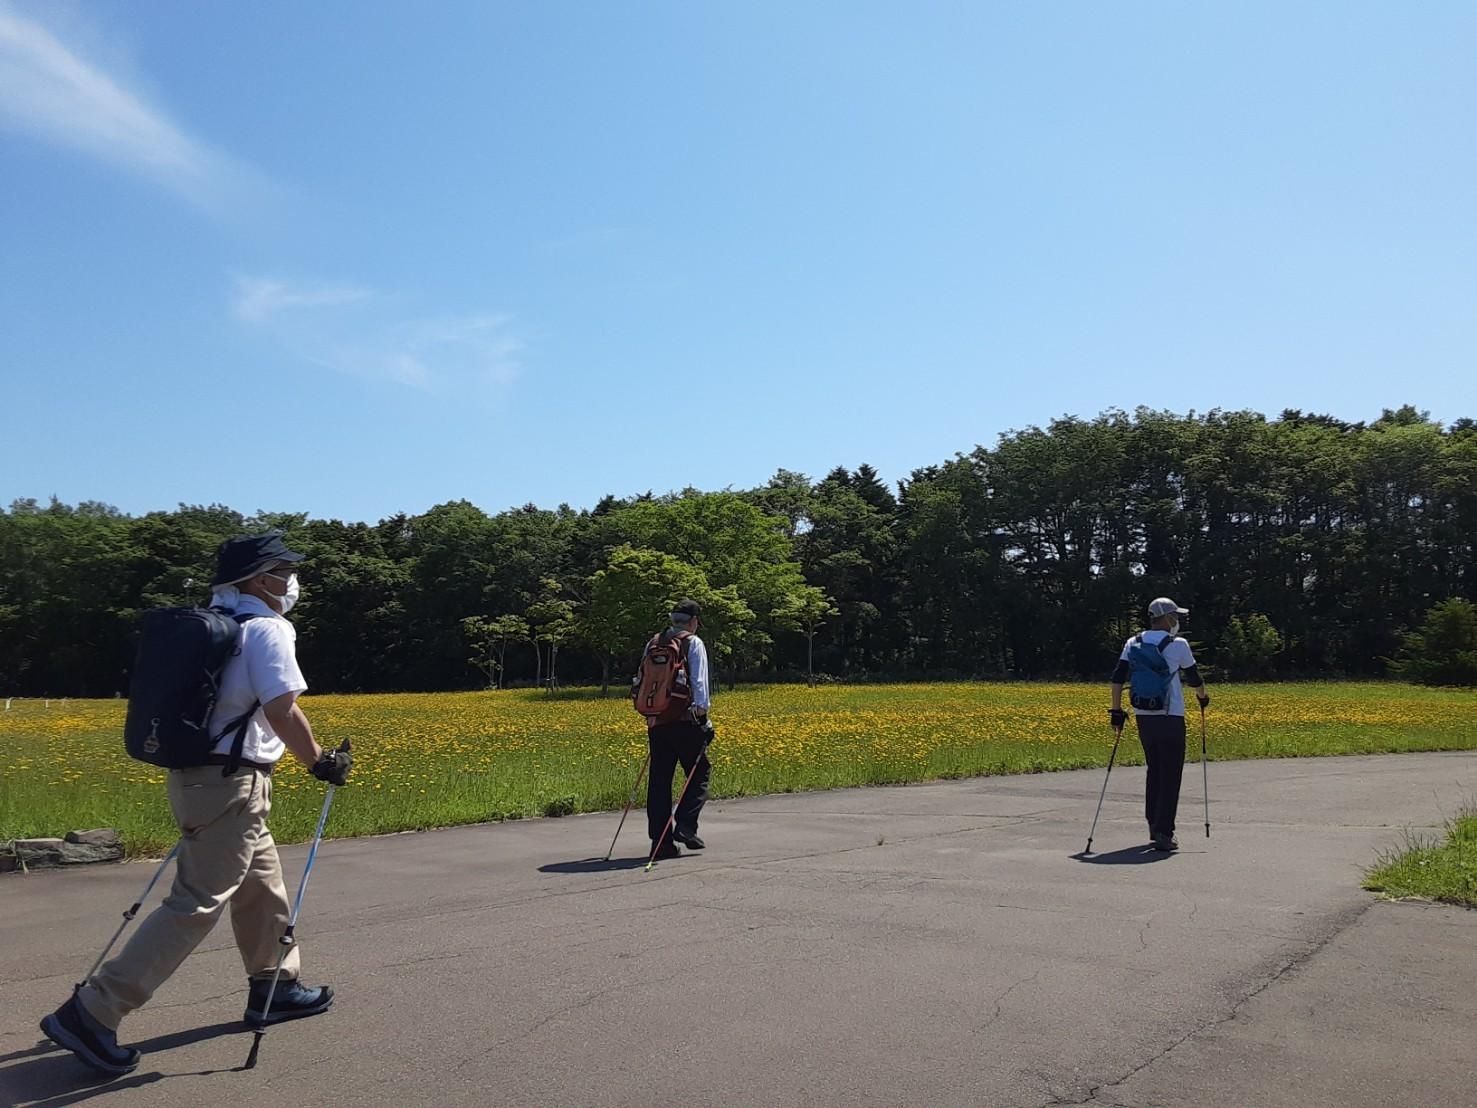 ノルディックウォーキングイベント2021 @野幌森林公園_d0198793_00234623.jpg